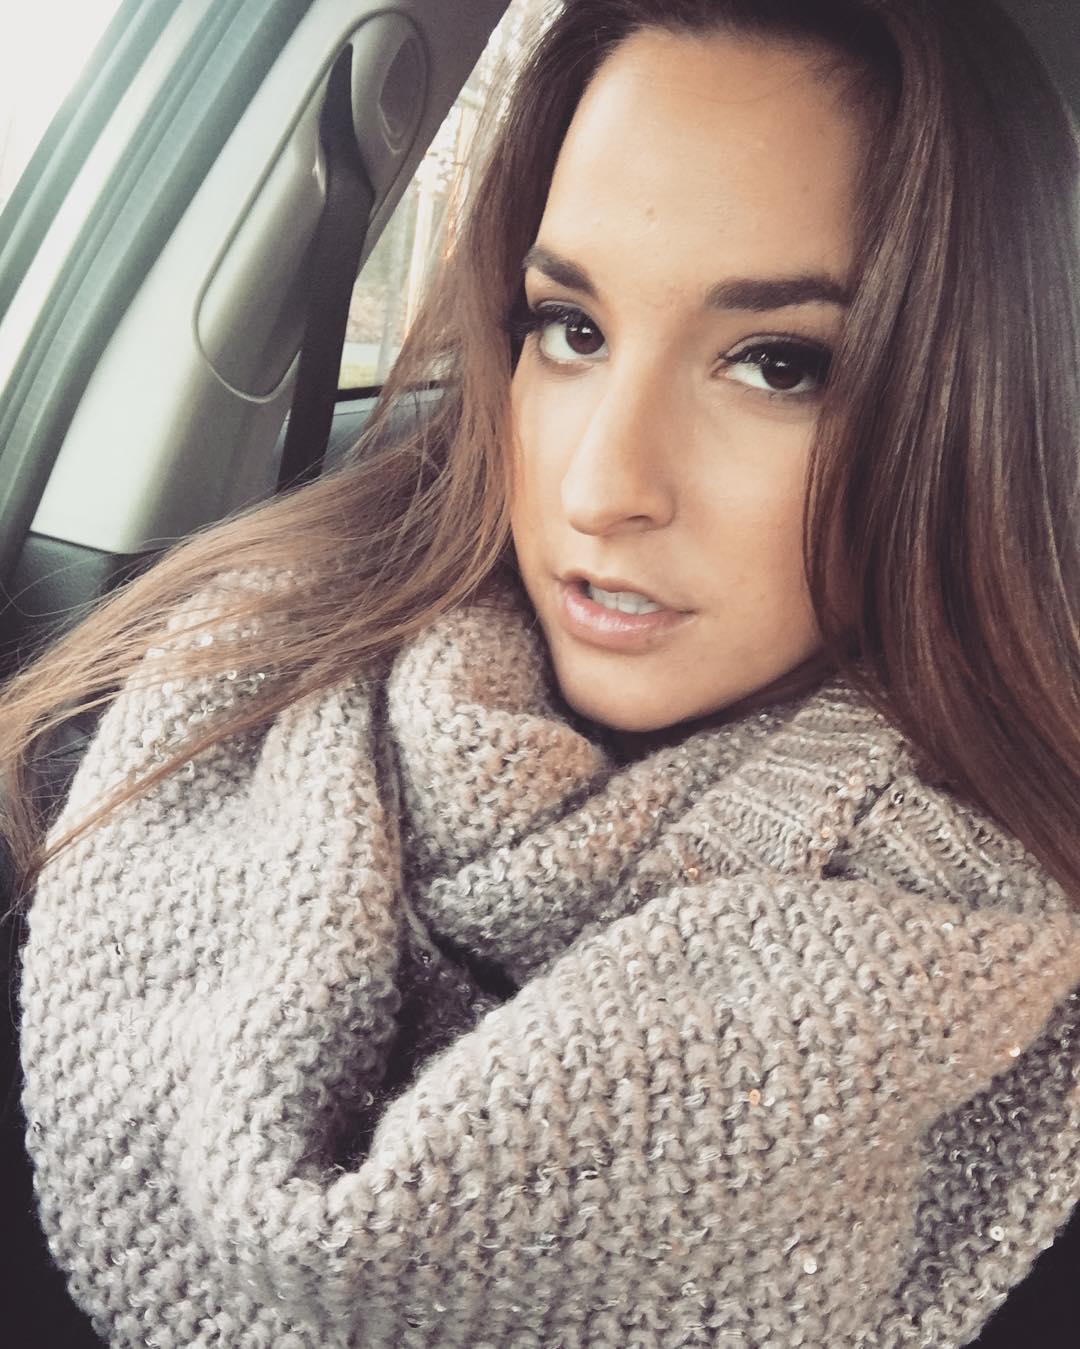 Amirah Adara Instagram username